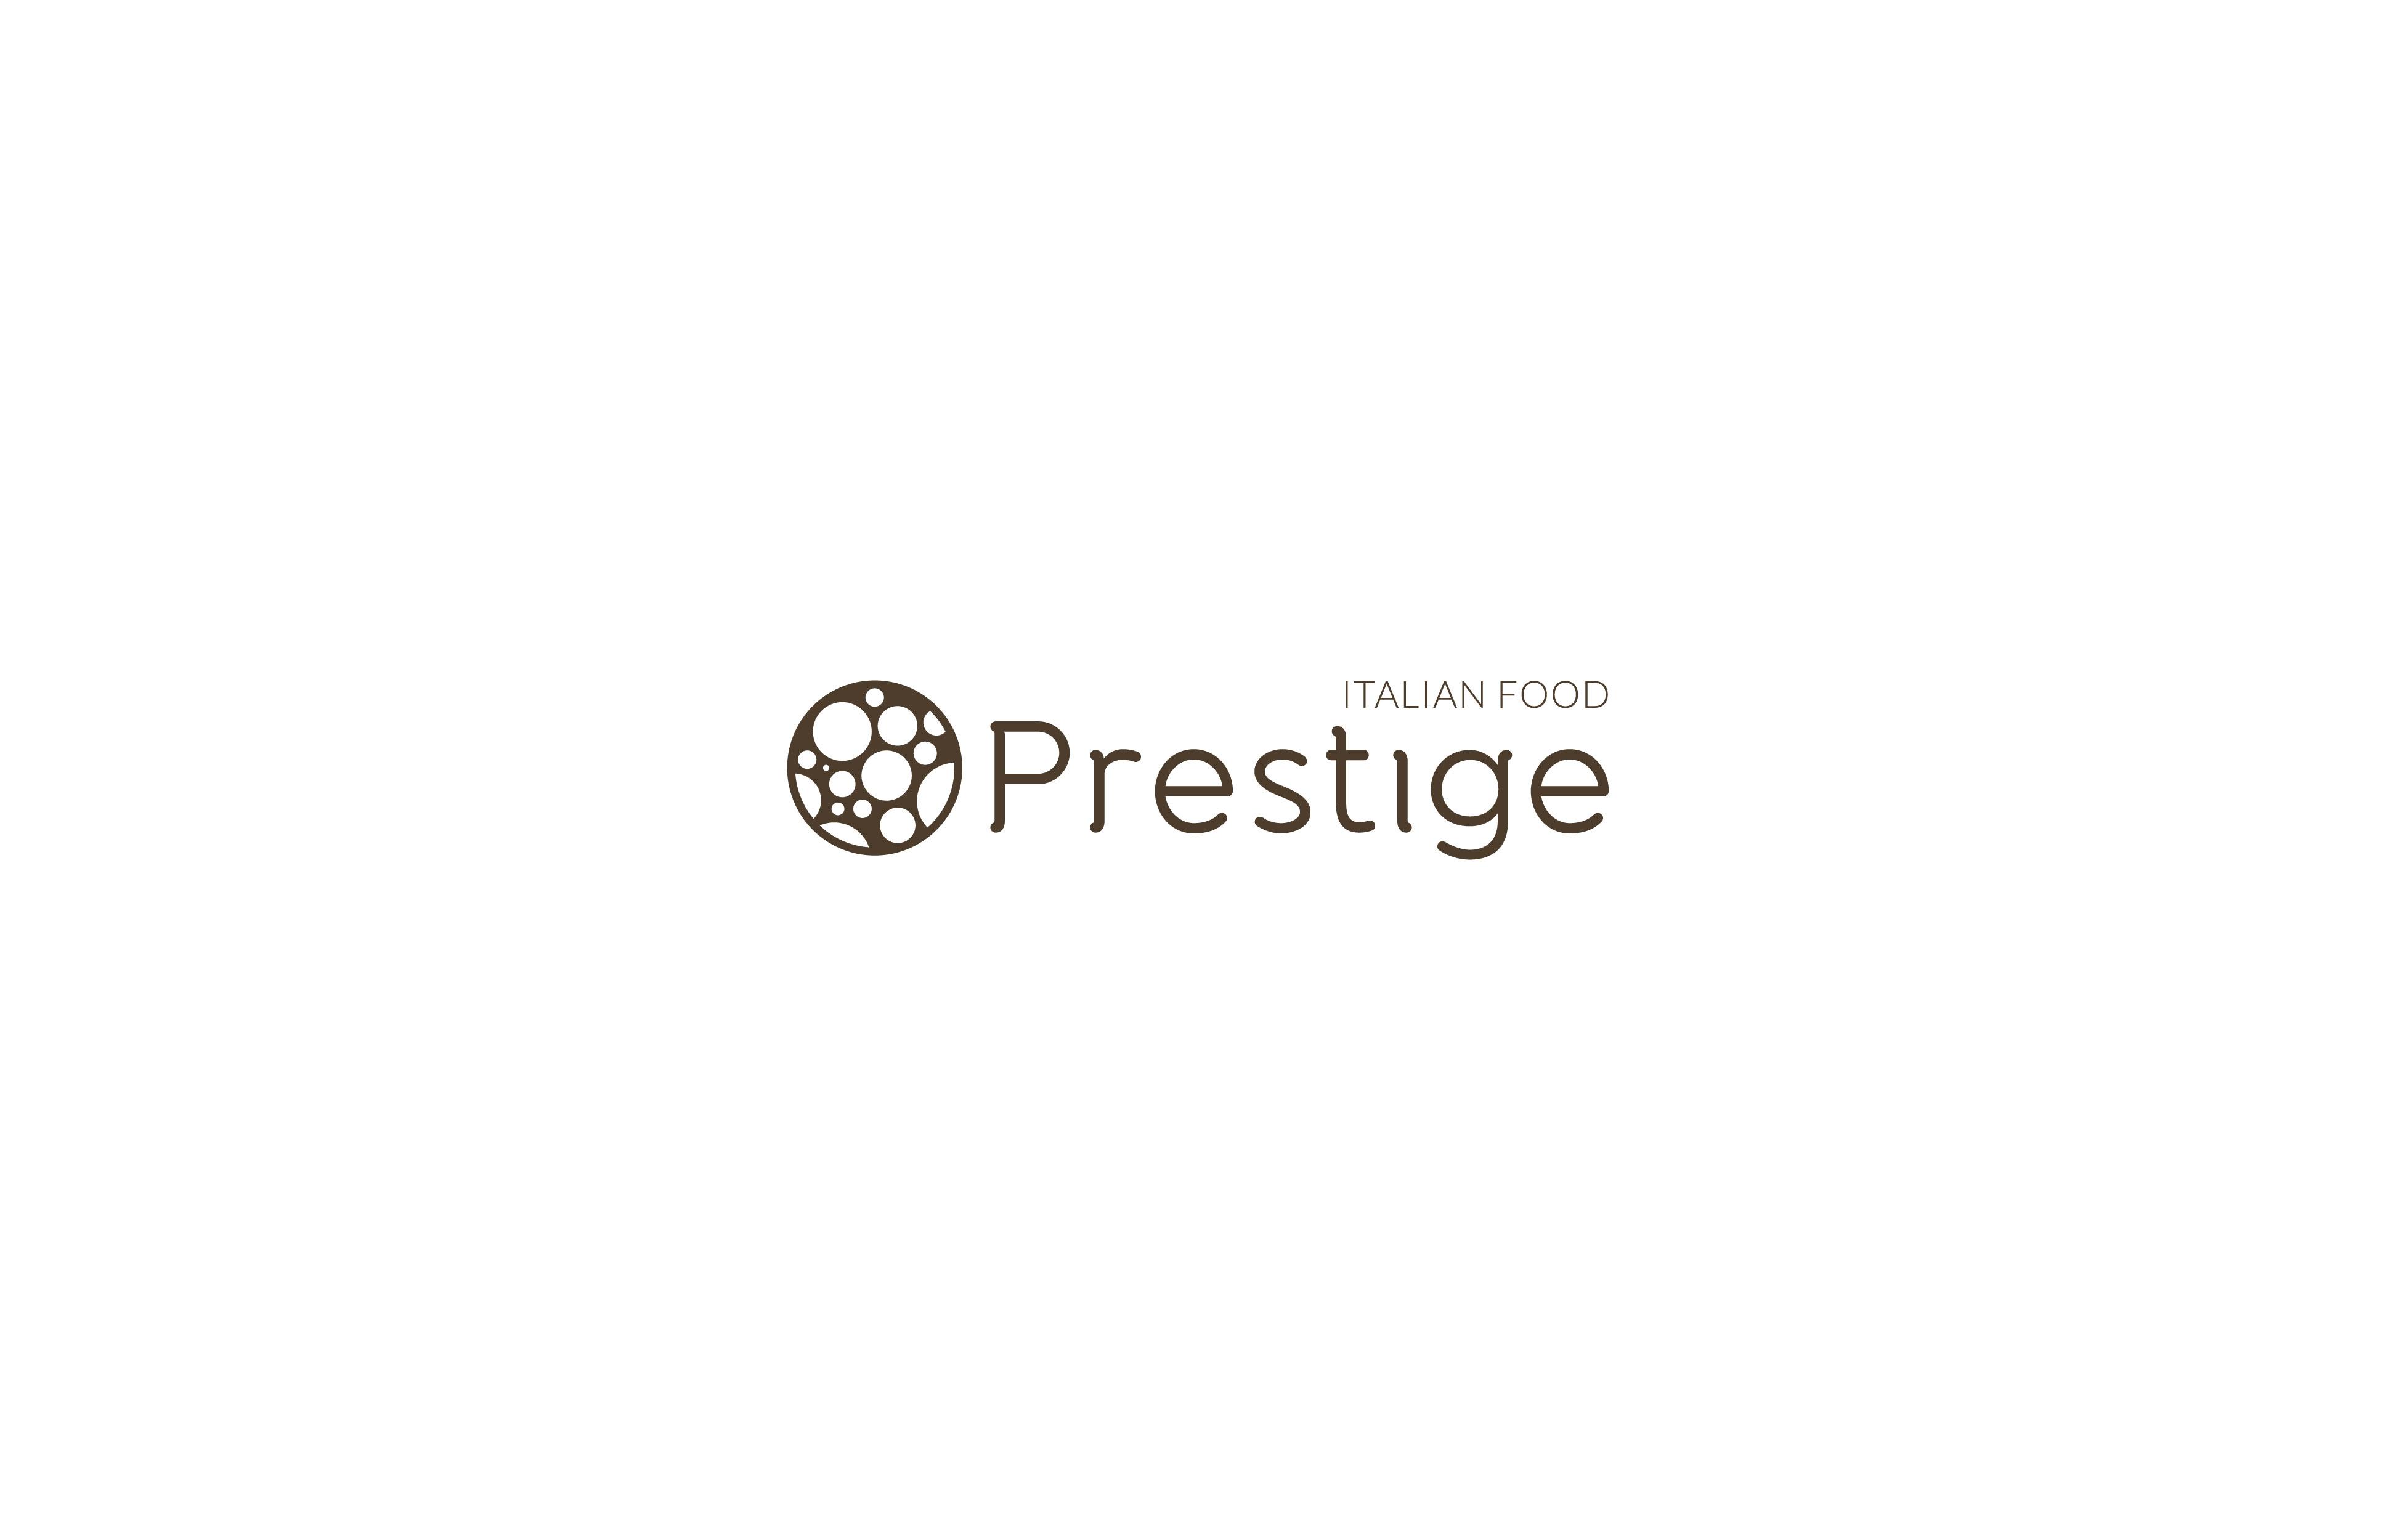 PRESTIGE-02